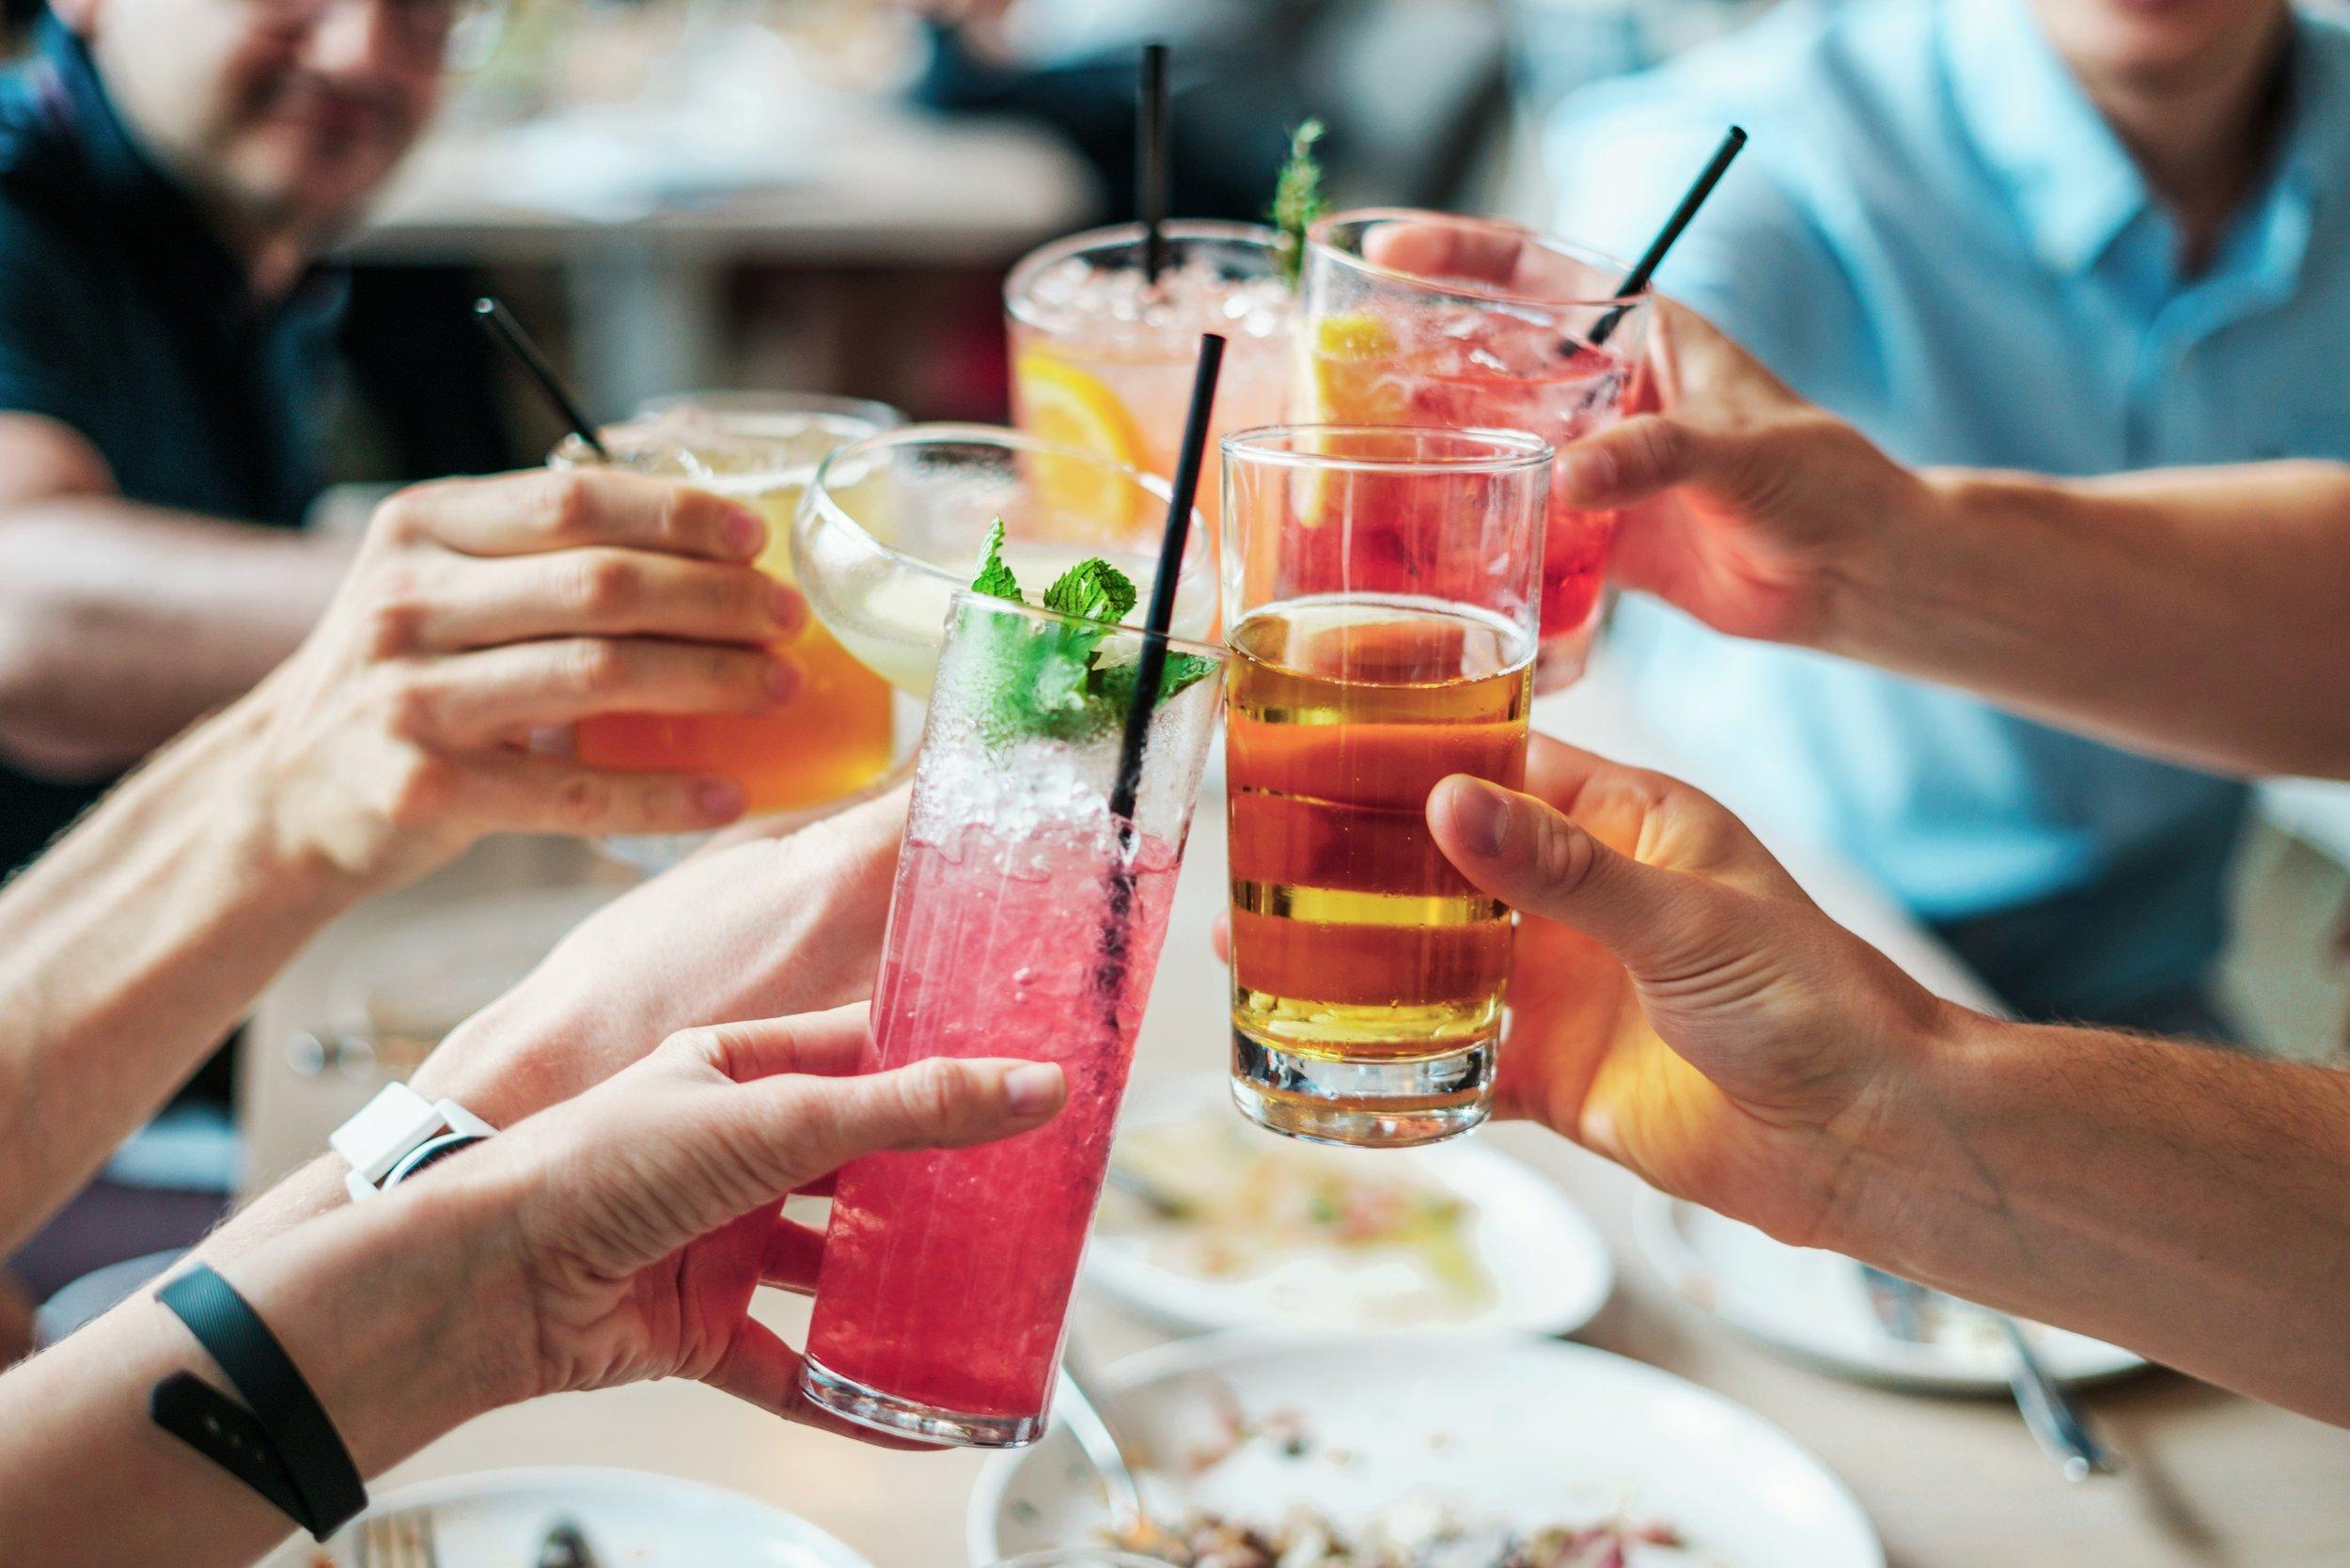 IMAGE1_drinks-2578446_1920.jpg